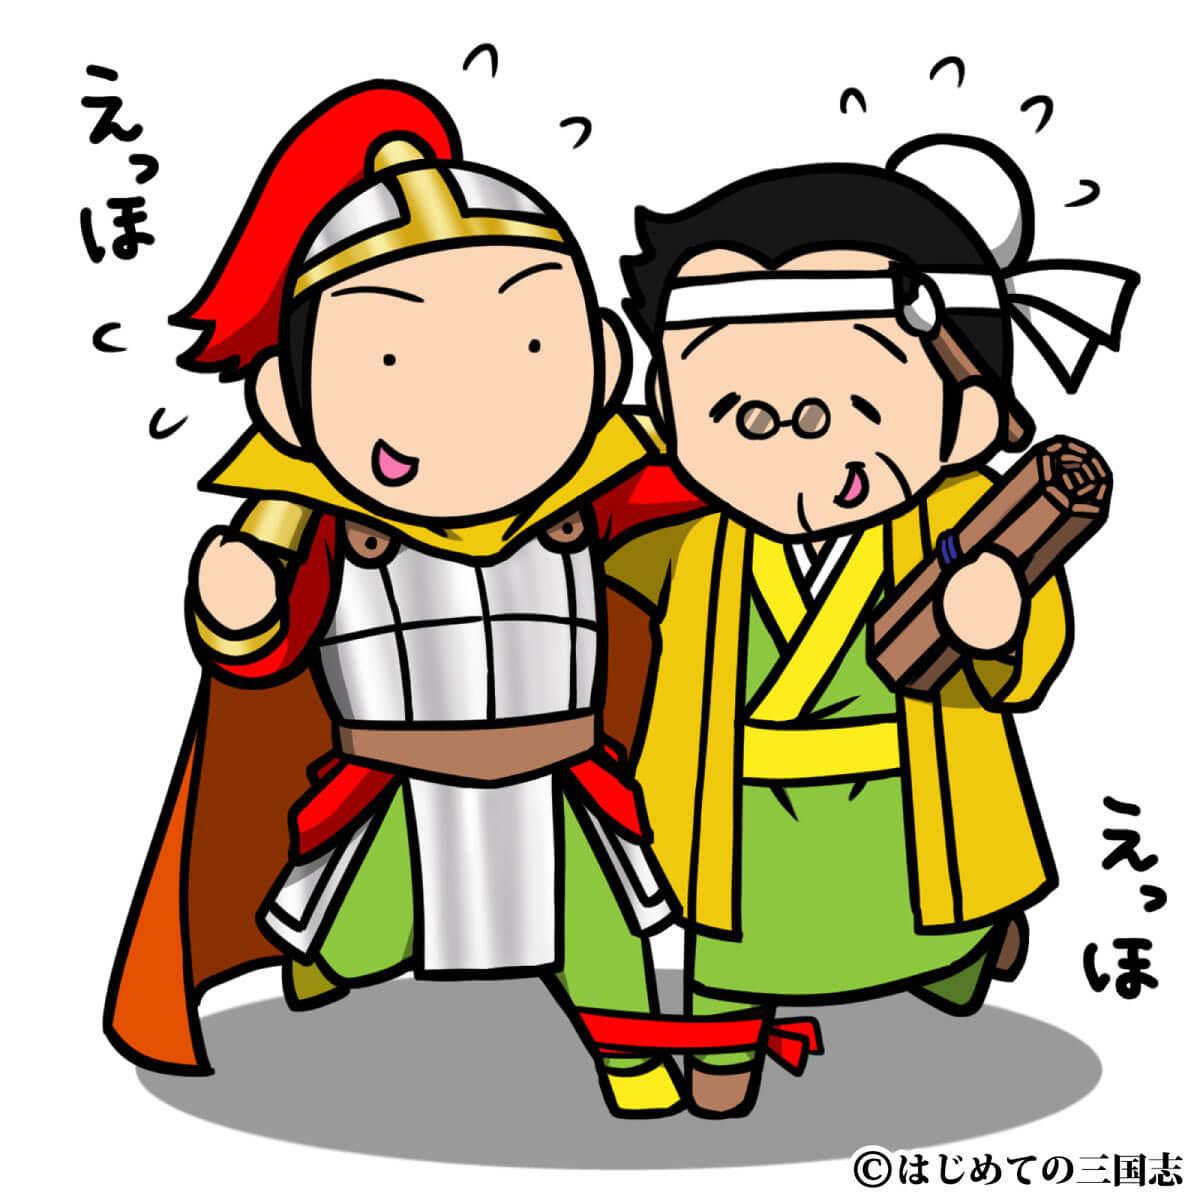 劉邦と簫何(蕭何)